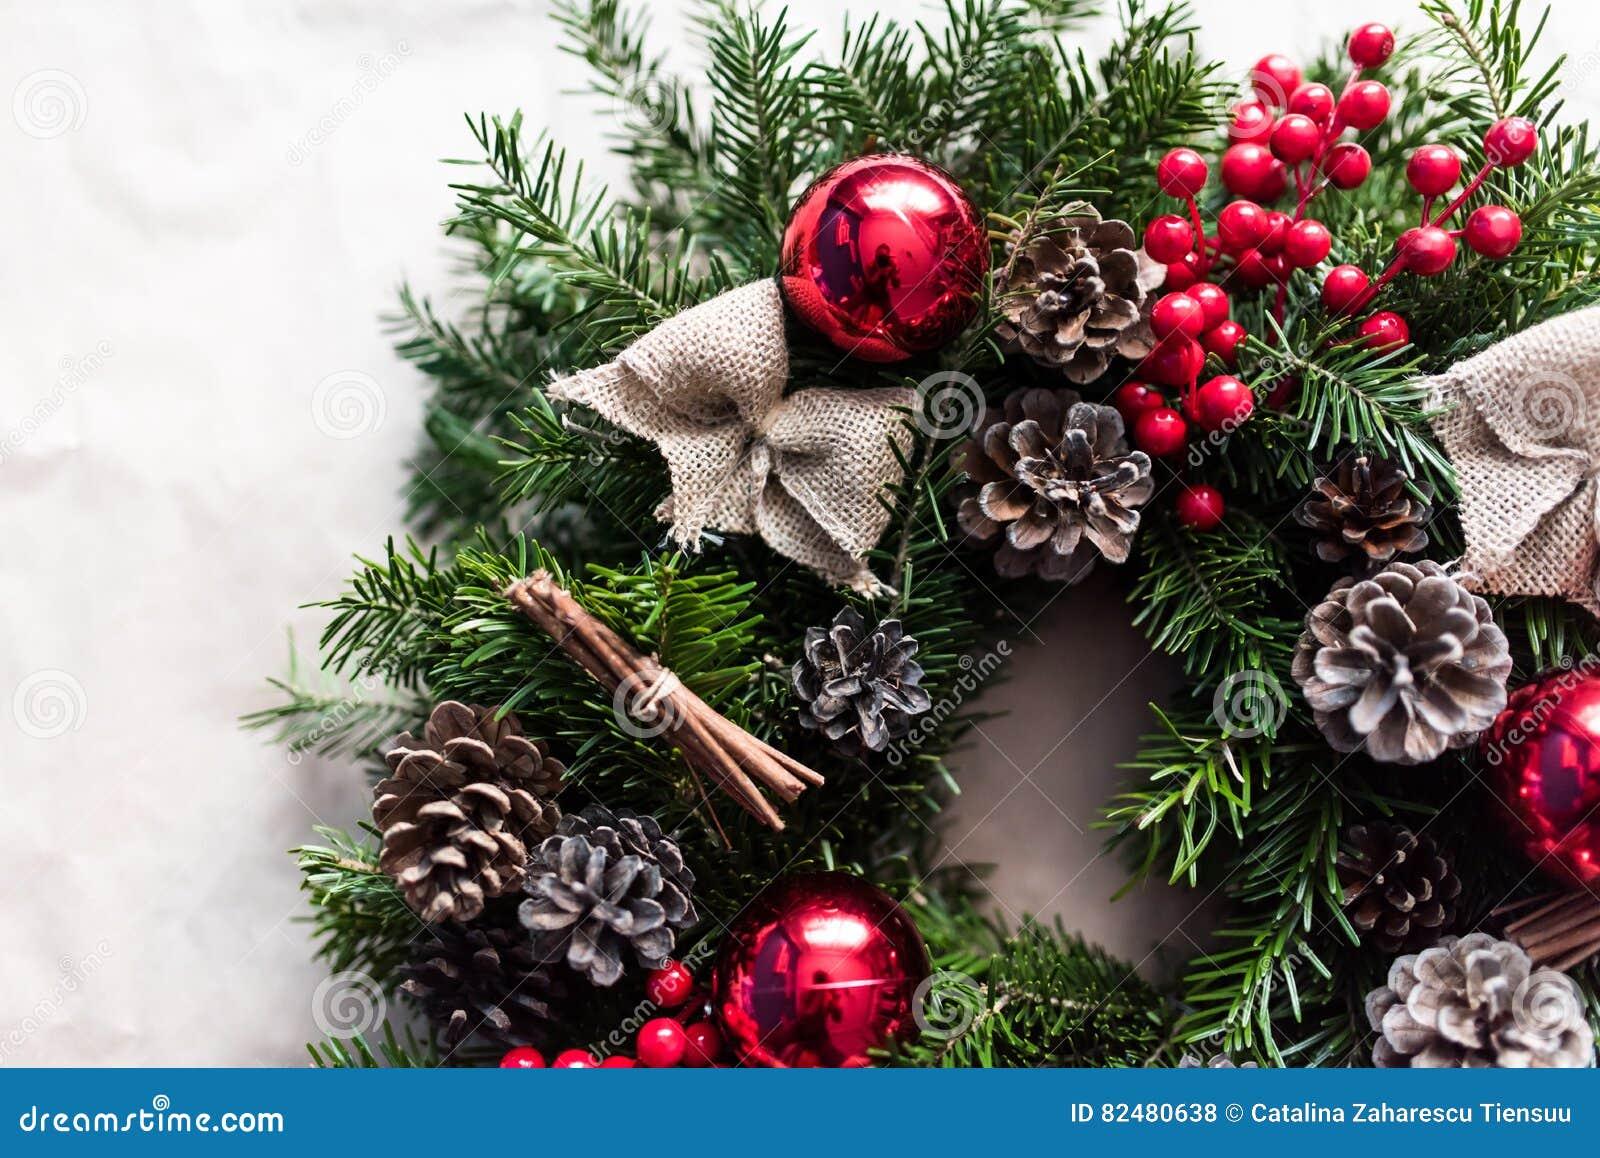 Detalle de la guirnalda de la Navidad con las chucherías y las bayas rojas